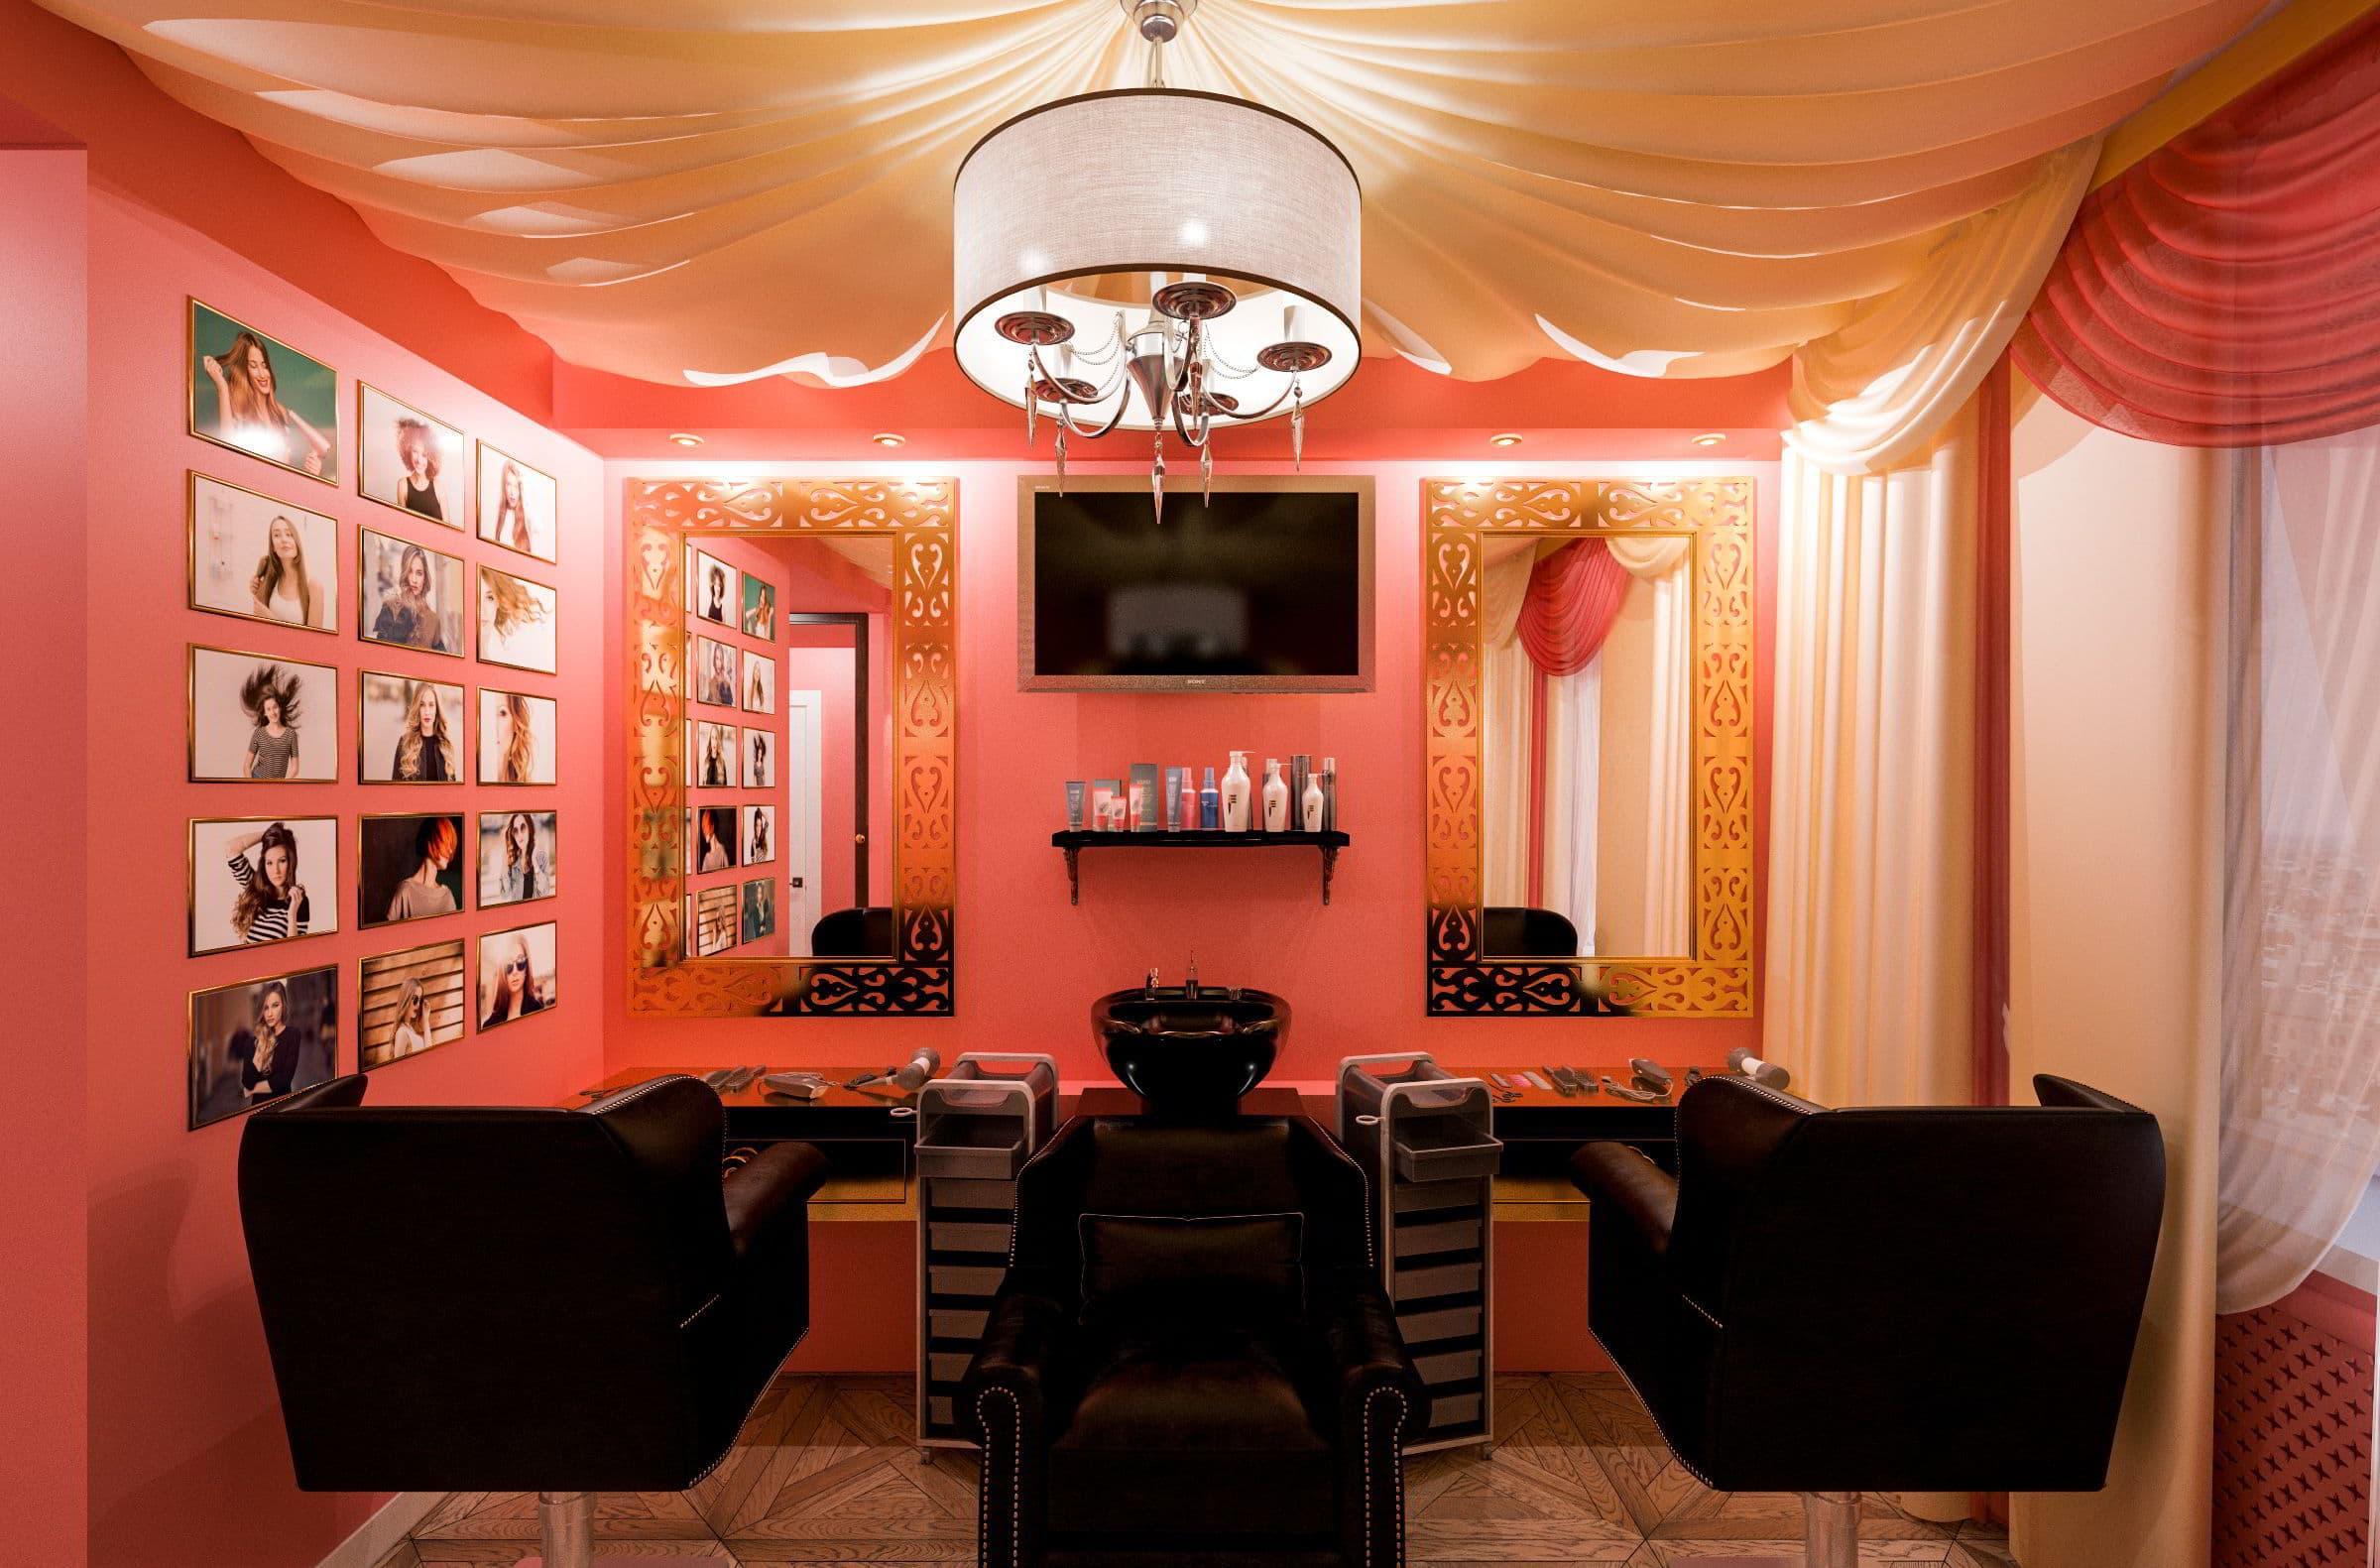 дизайн интерьера парикмахерской в турецком стиле фото, зеркала, мойка, кресла, паркет, потолок из ткани 3